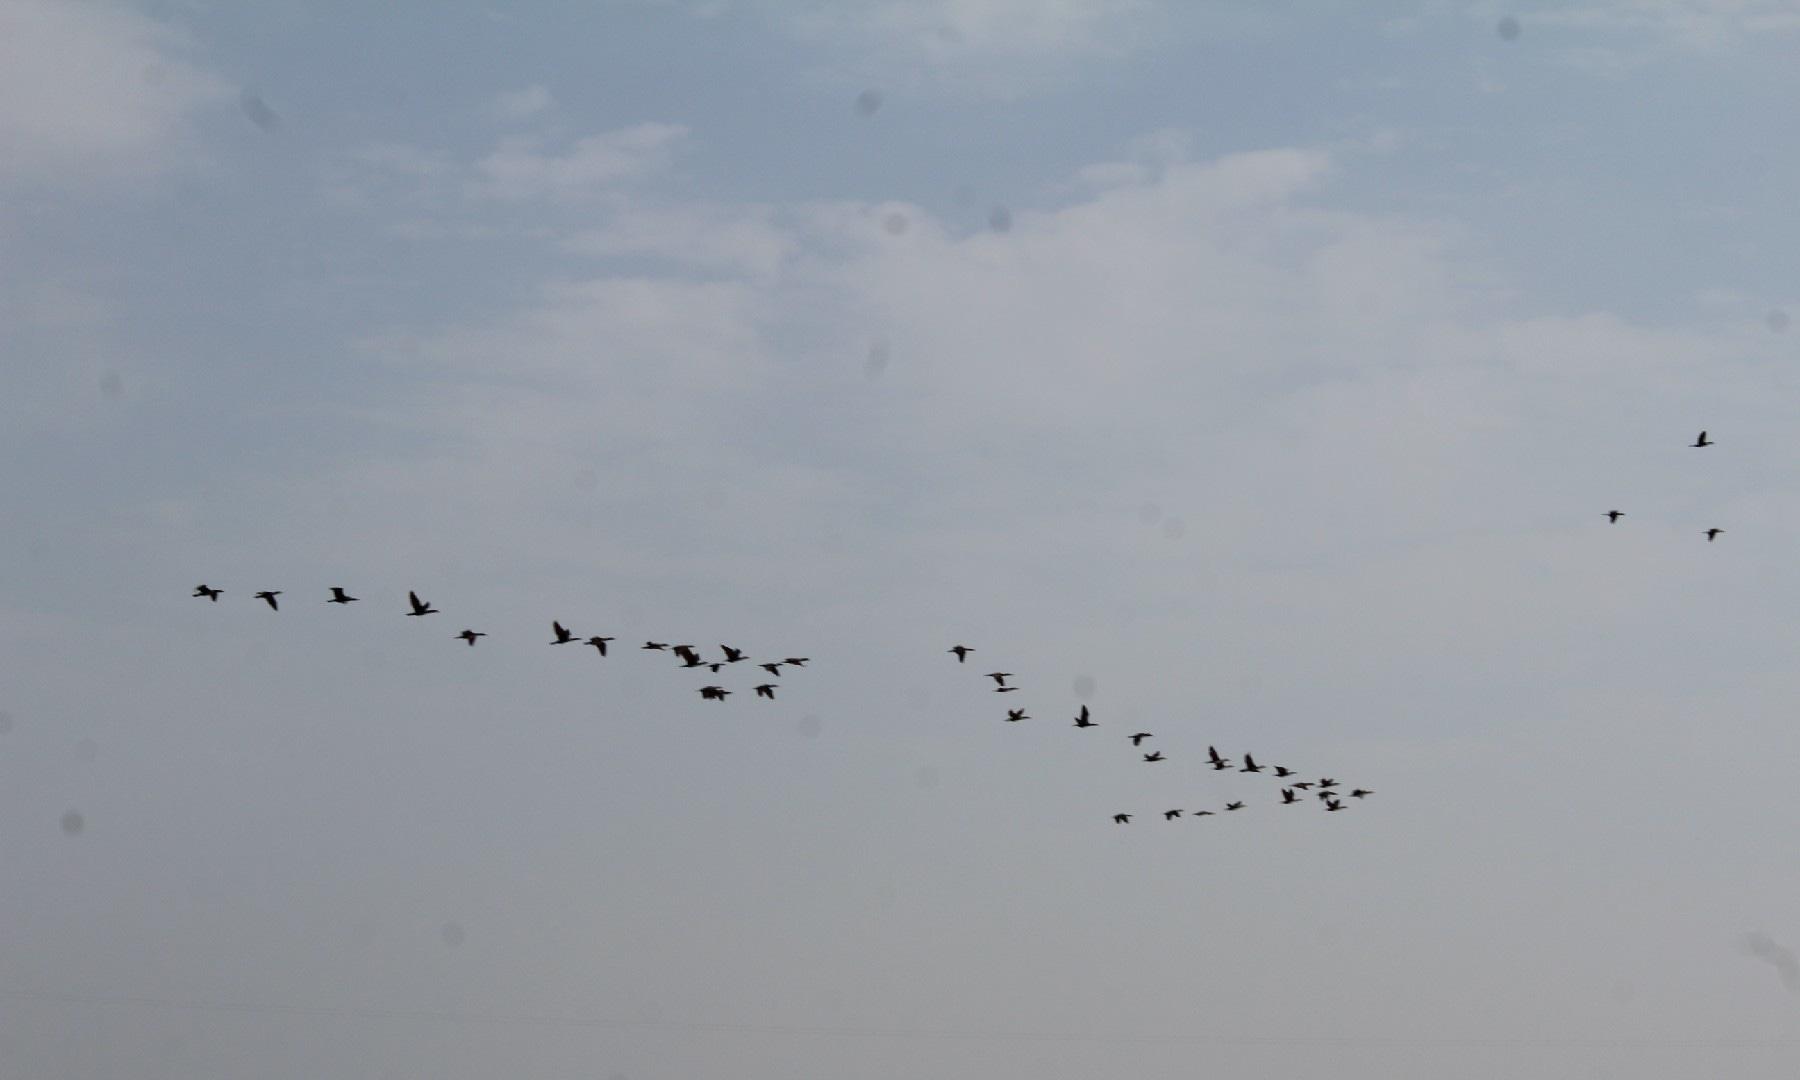 جھیل کے اوپر پرواز بھرتے پرندے—ابوبکر شیخ